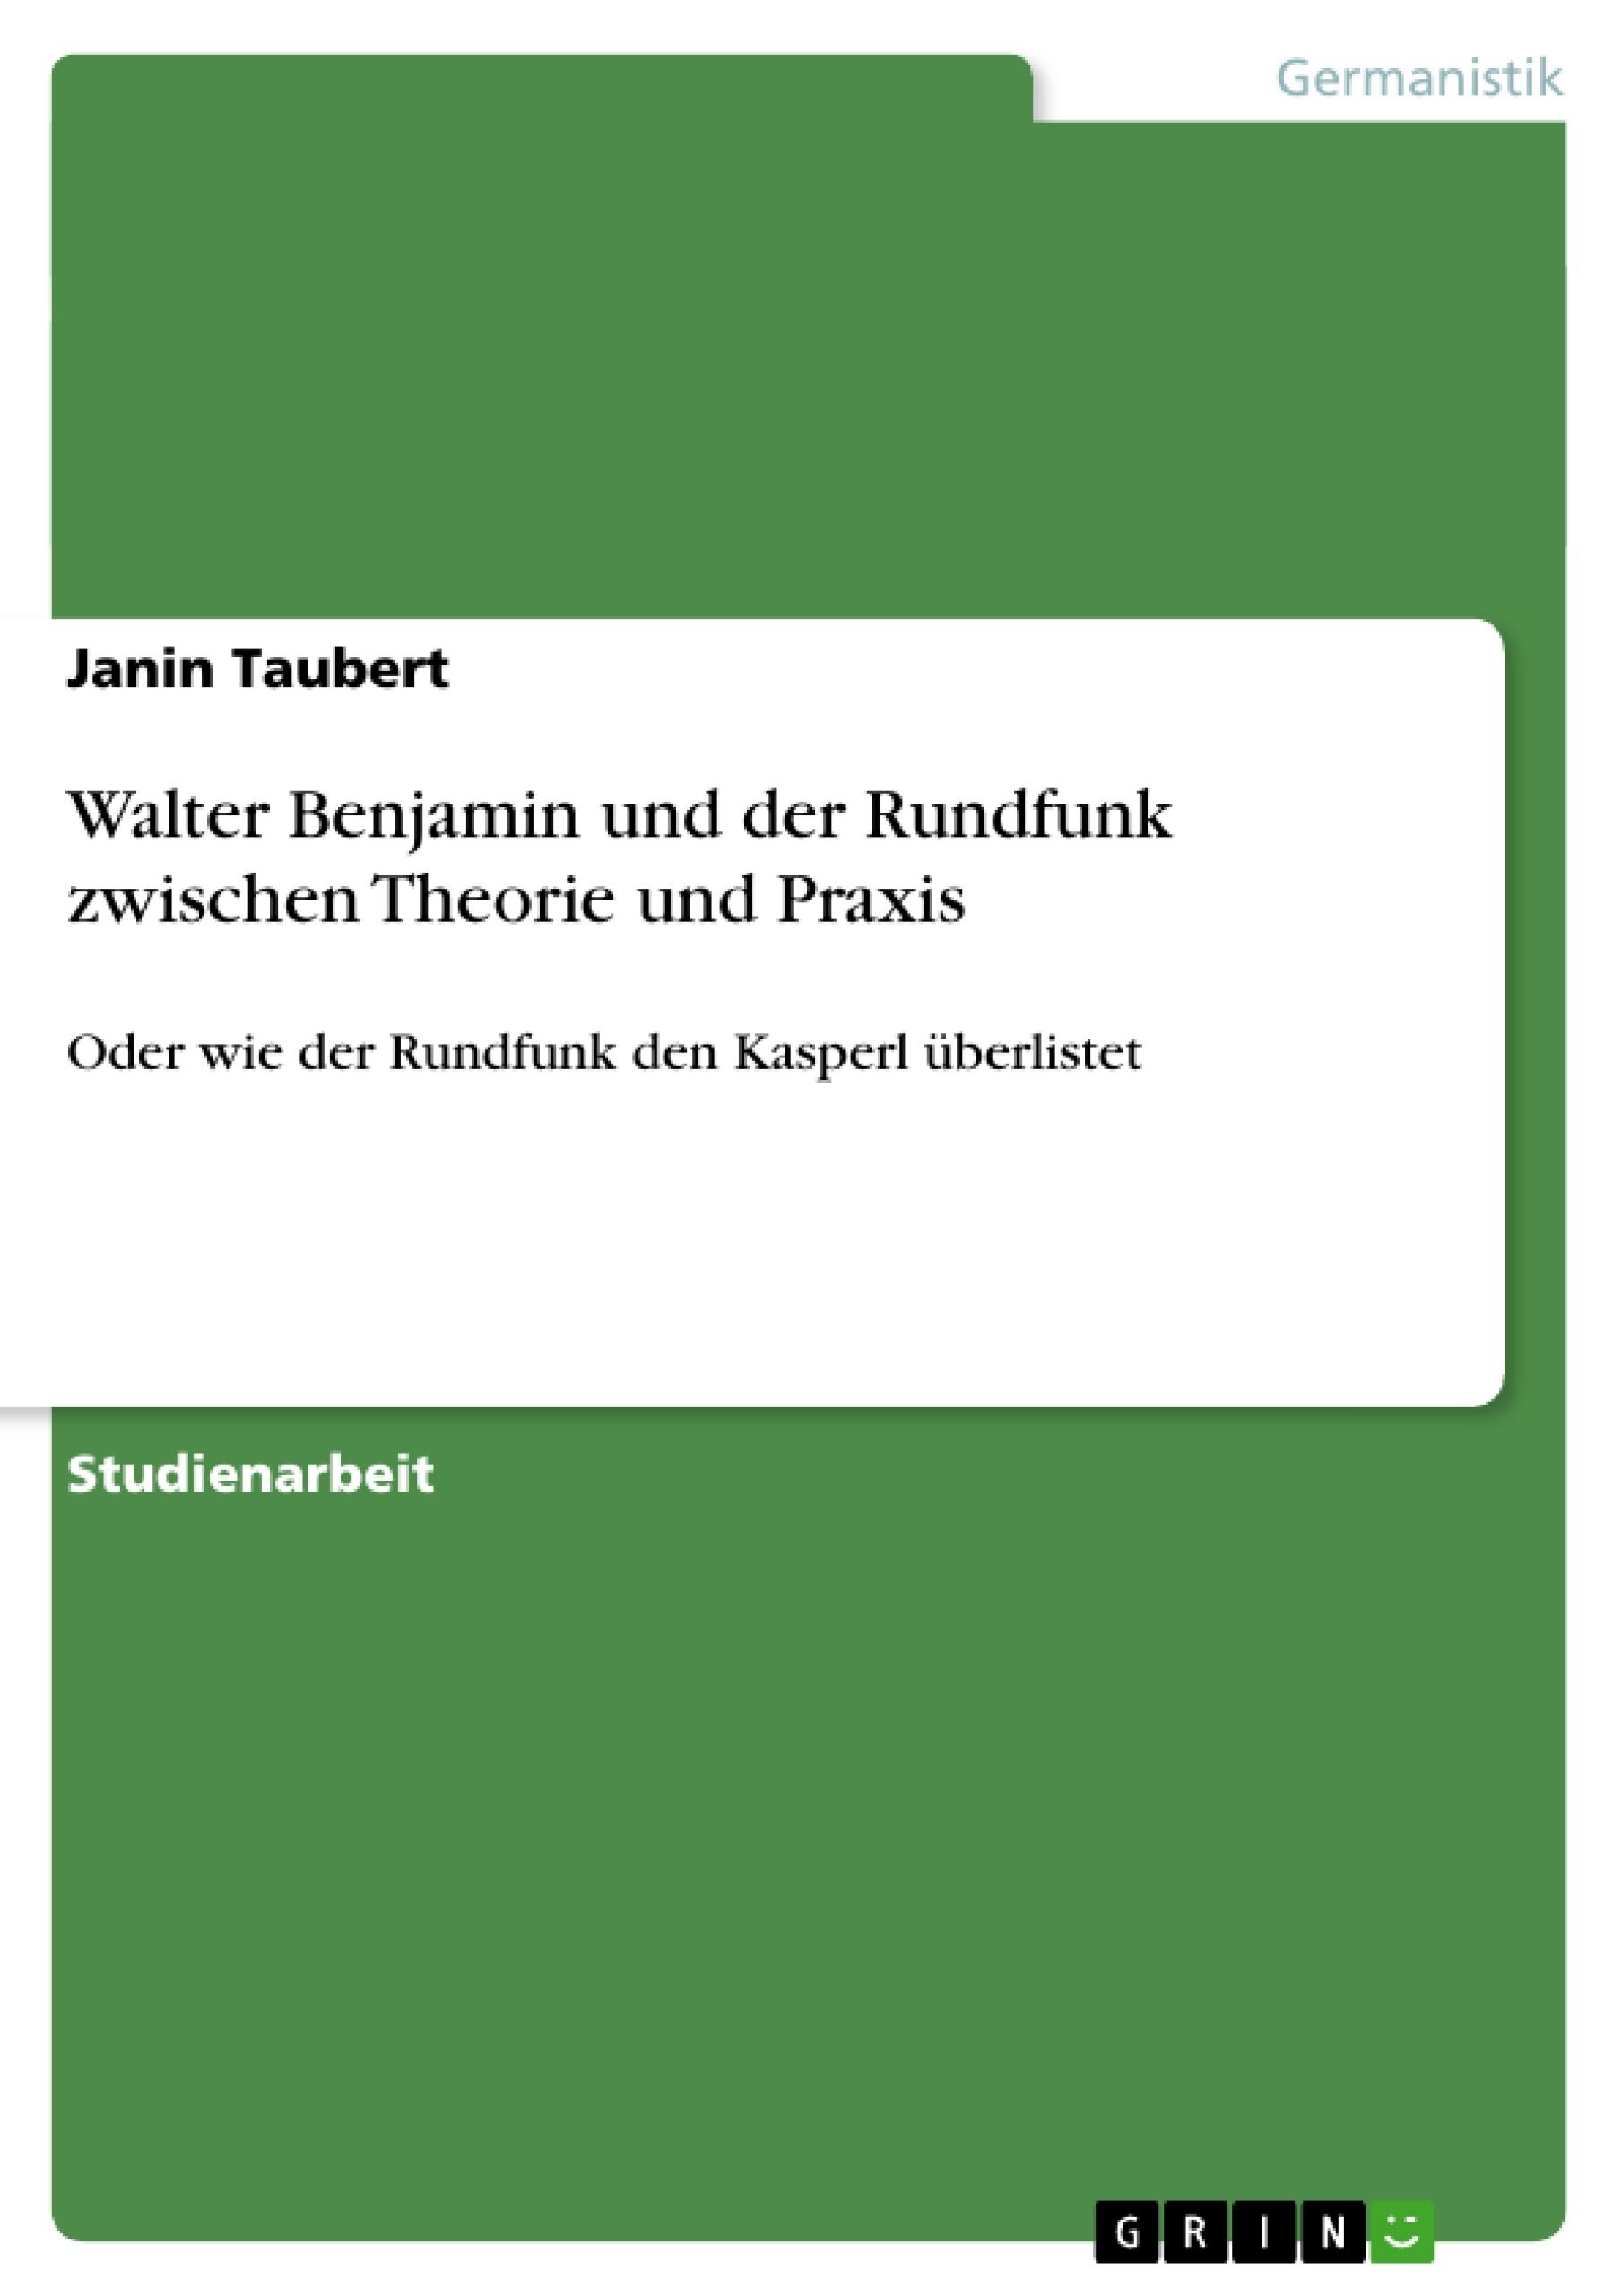 Titel: Walter Benjamin und der Rundfunk zwischen Theorie und Praxis